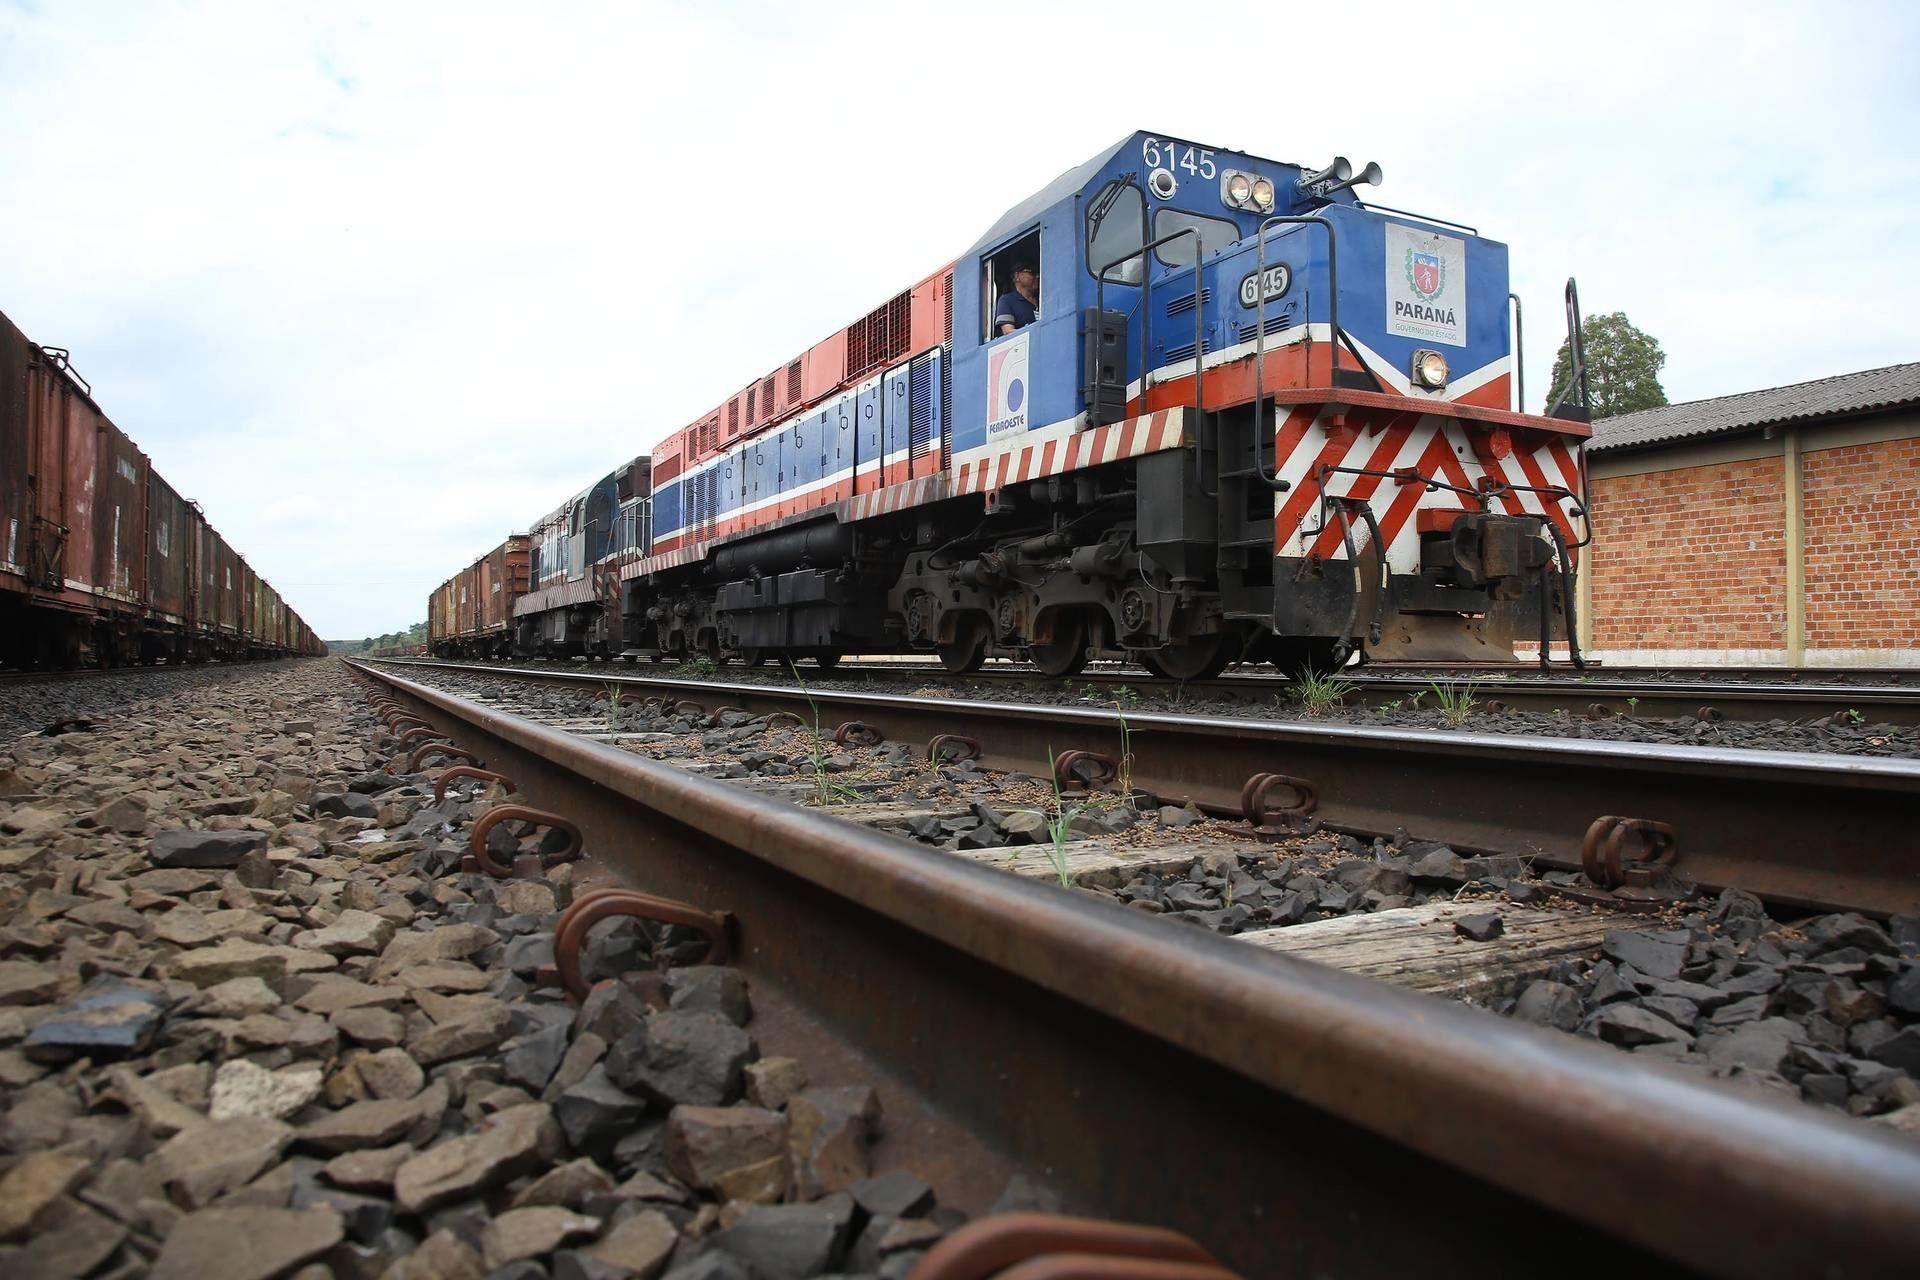 Portos do Paraná registra aumento na movimentação de cargas por ferrovias